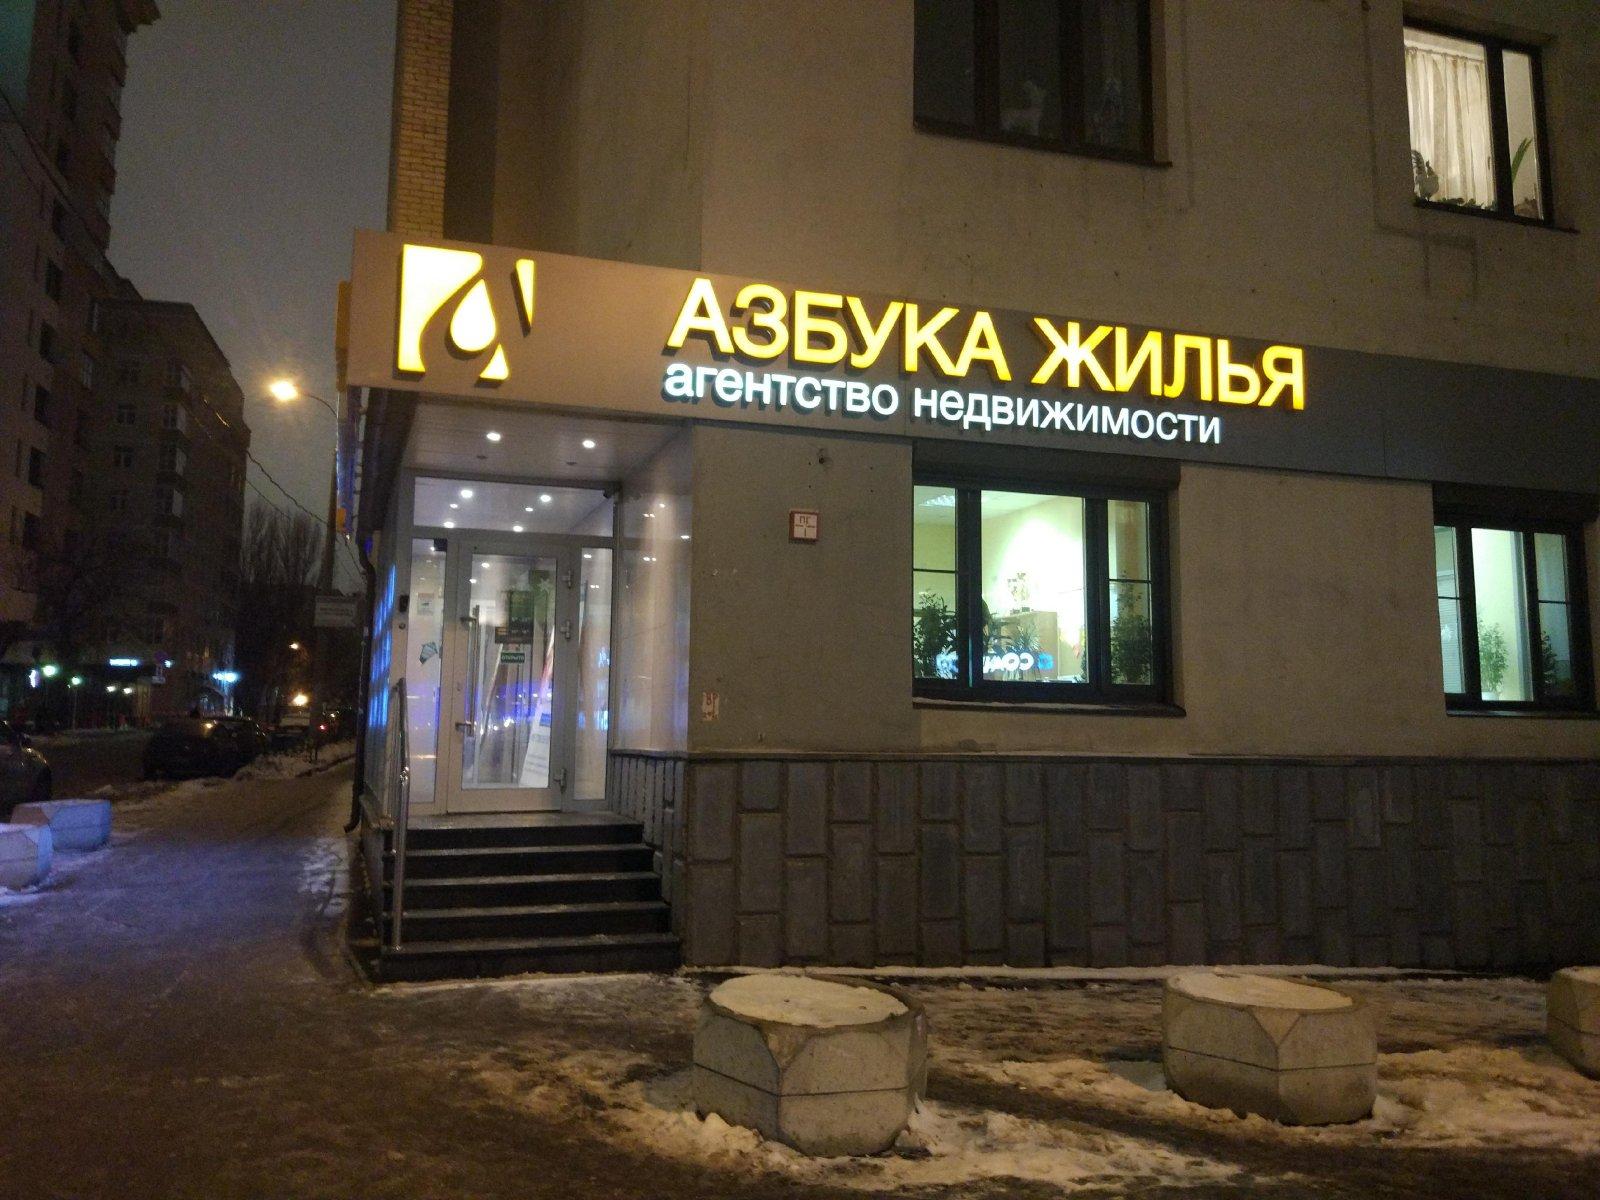 Сдай старье, купи обновку или как выгодно купить новостройку в Москве